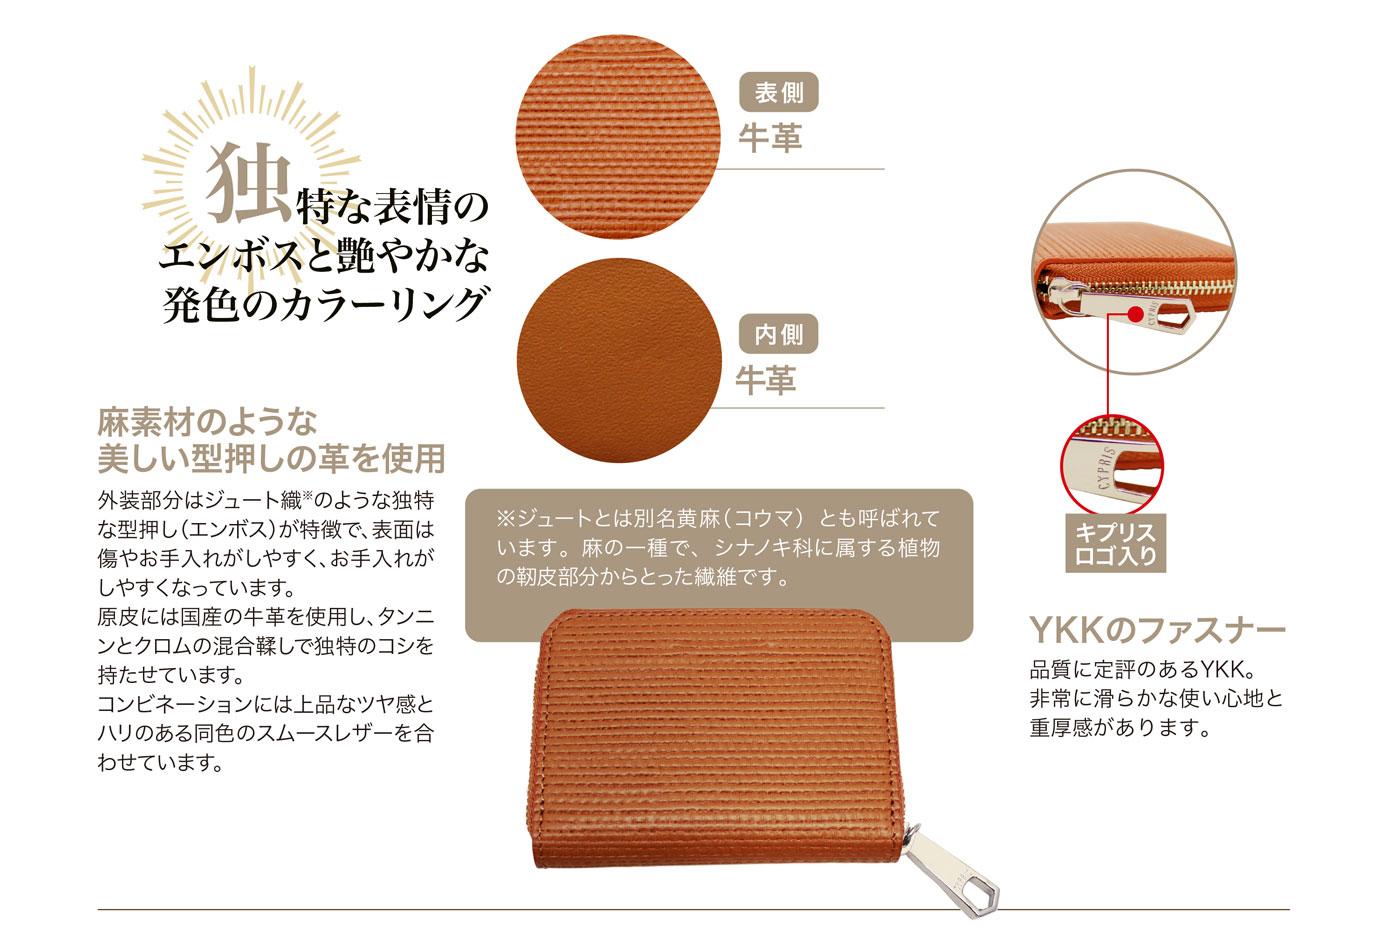 キプリス ルジュート ラウンドファスナーボックス小銭入れ。麻素材のような美しい型押しの革を使用。原皮には国産の牛革を使用し、タンニンとクロムの混合鞣しで独特のコシを持たせています。コンビネーションには上品なツヤ感とハリのある同色のスムースレザーを合わせています。